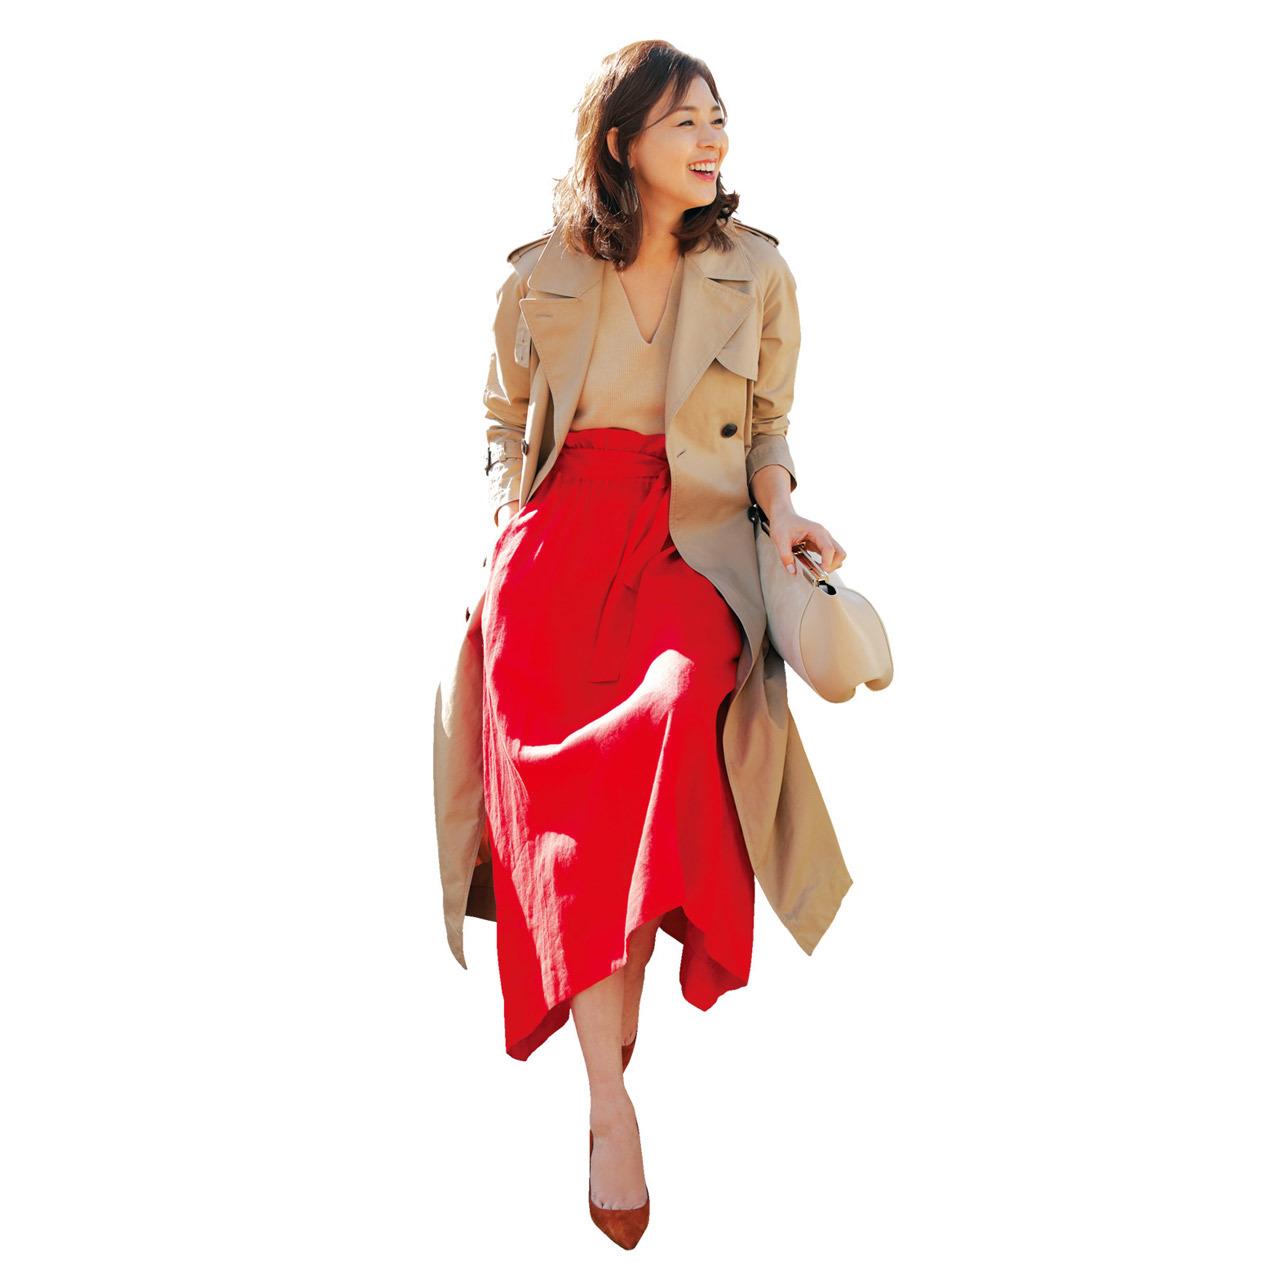 トレンチコート×赤色スカートコーデ